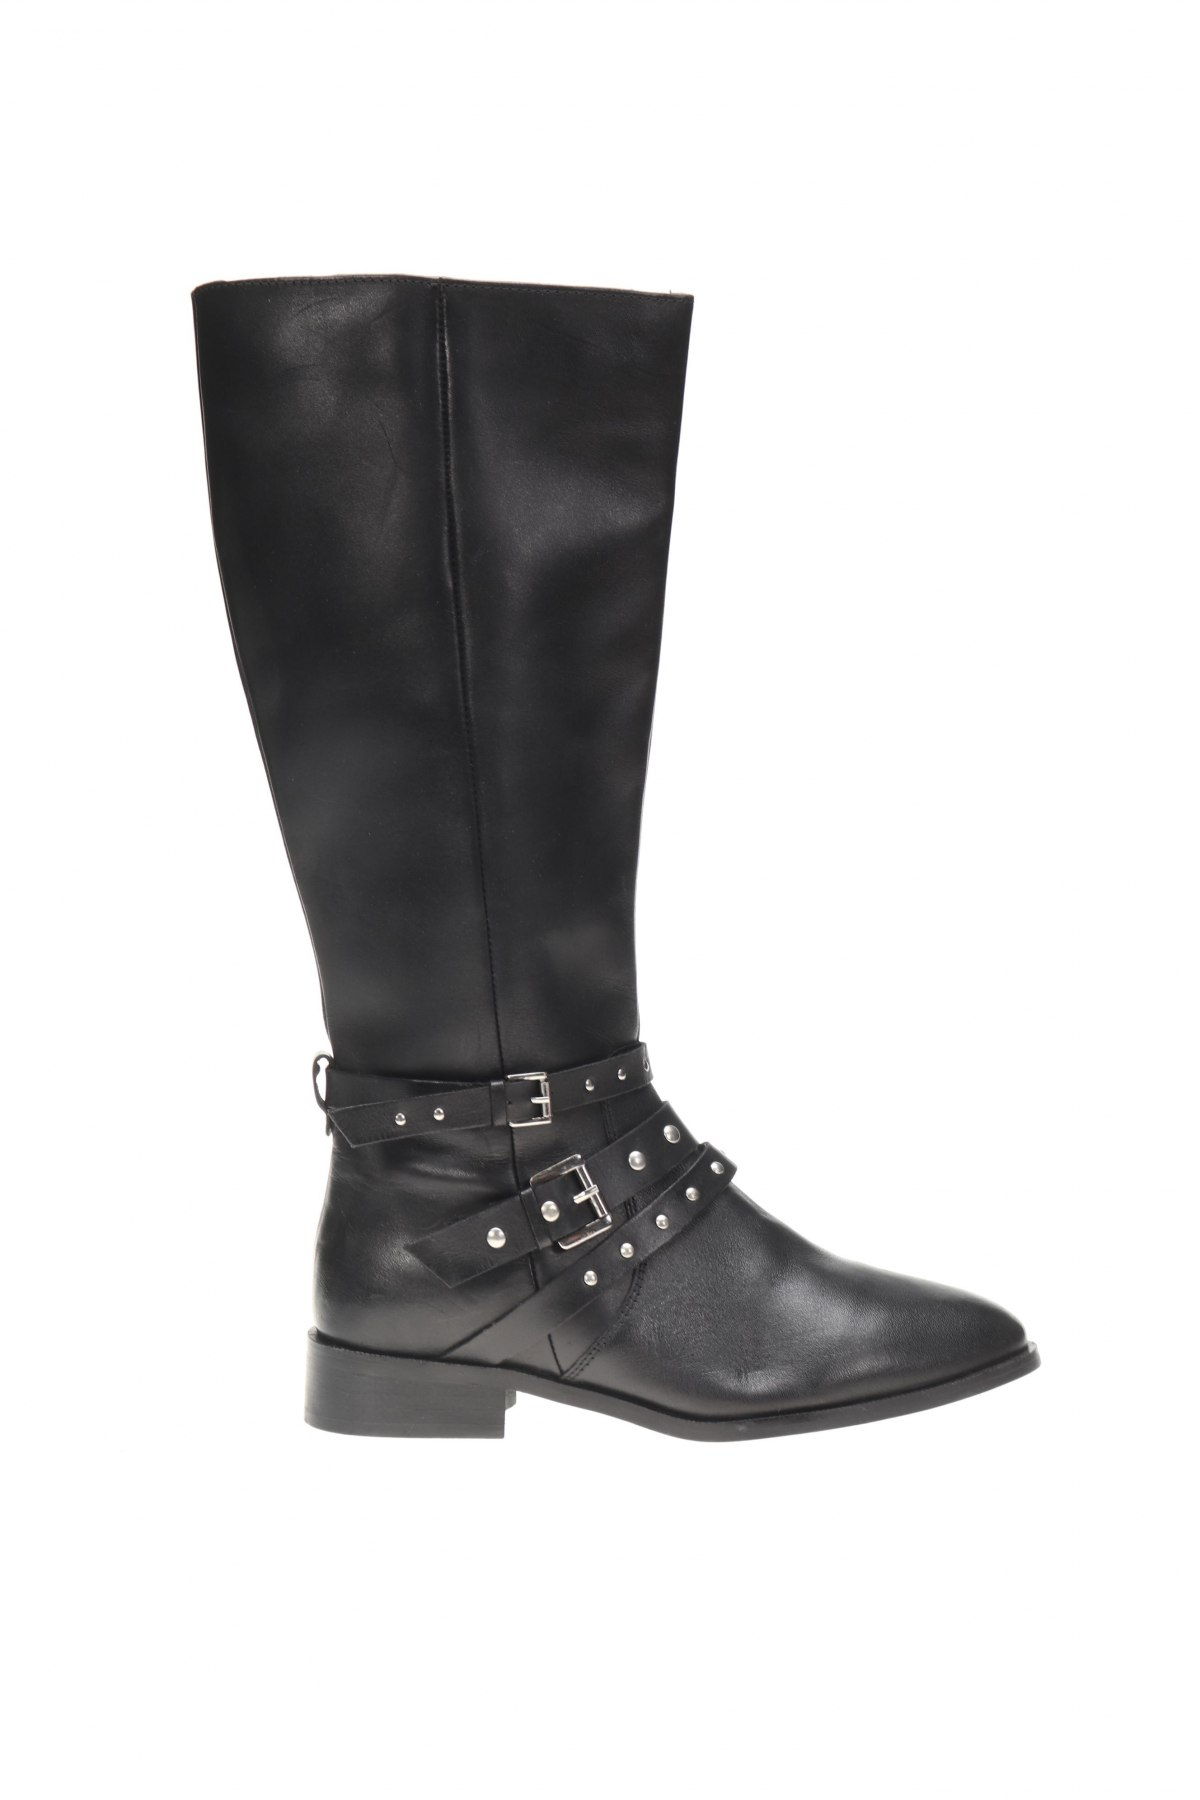 Дамски ботуши Apolina, Размер 39, Цвят Черен, Естествена кожа, Цена 143,20лв.